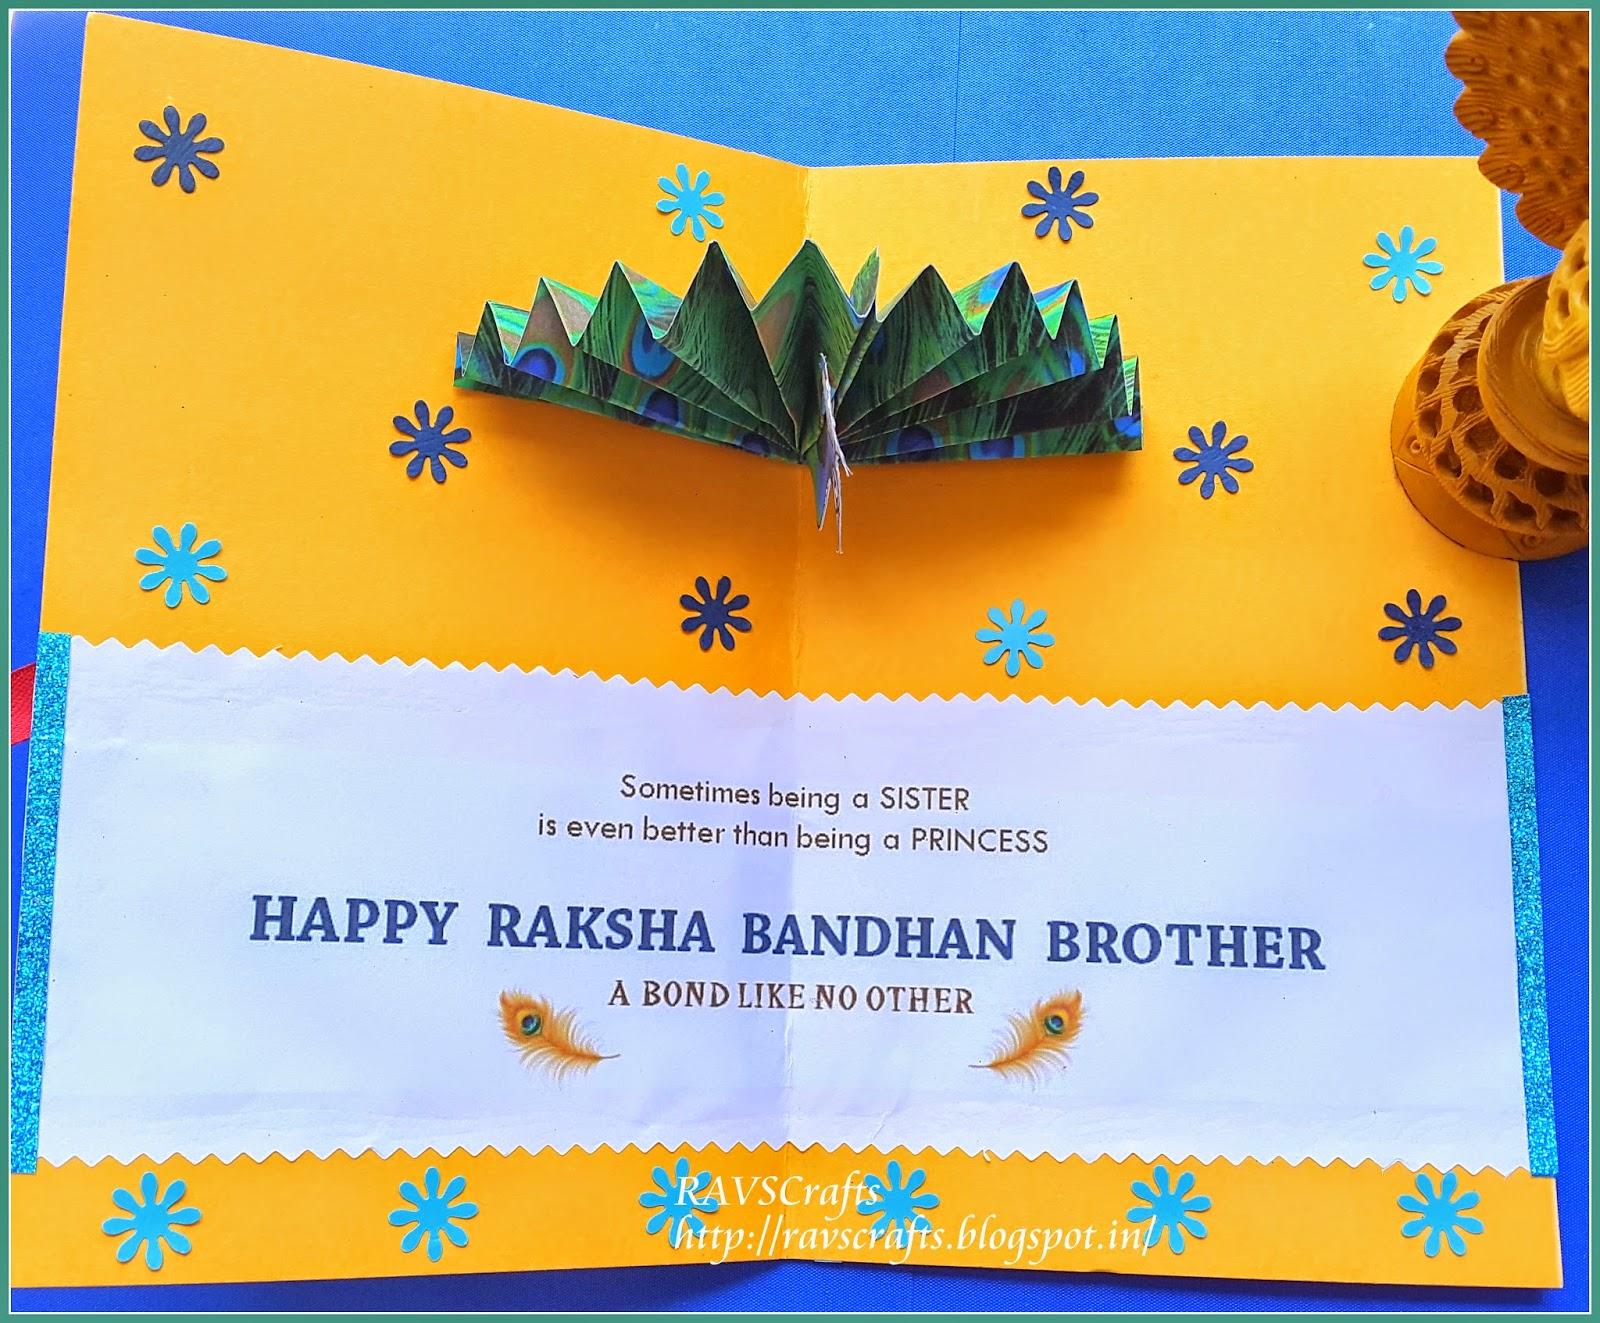 Amazing Card Making Ideas For Raksha Bandhan Part - 13: RAVSCrafts